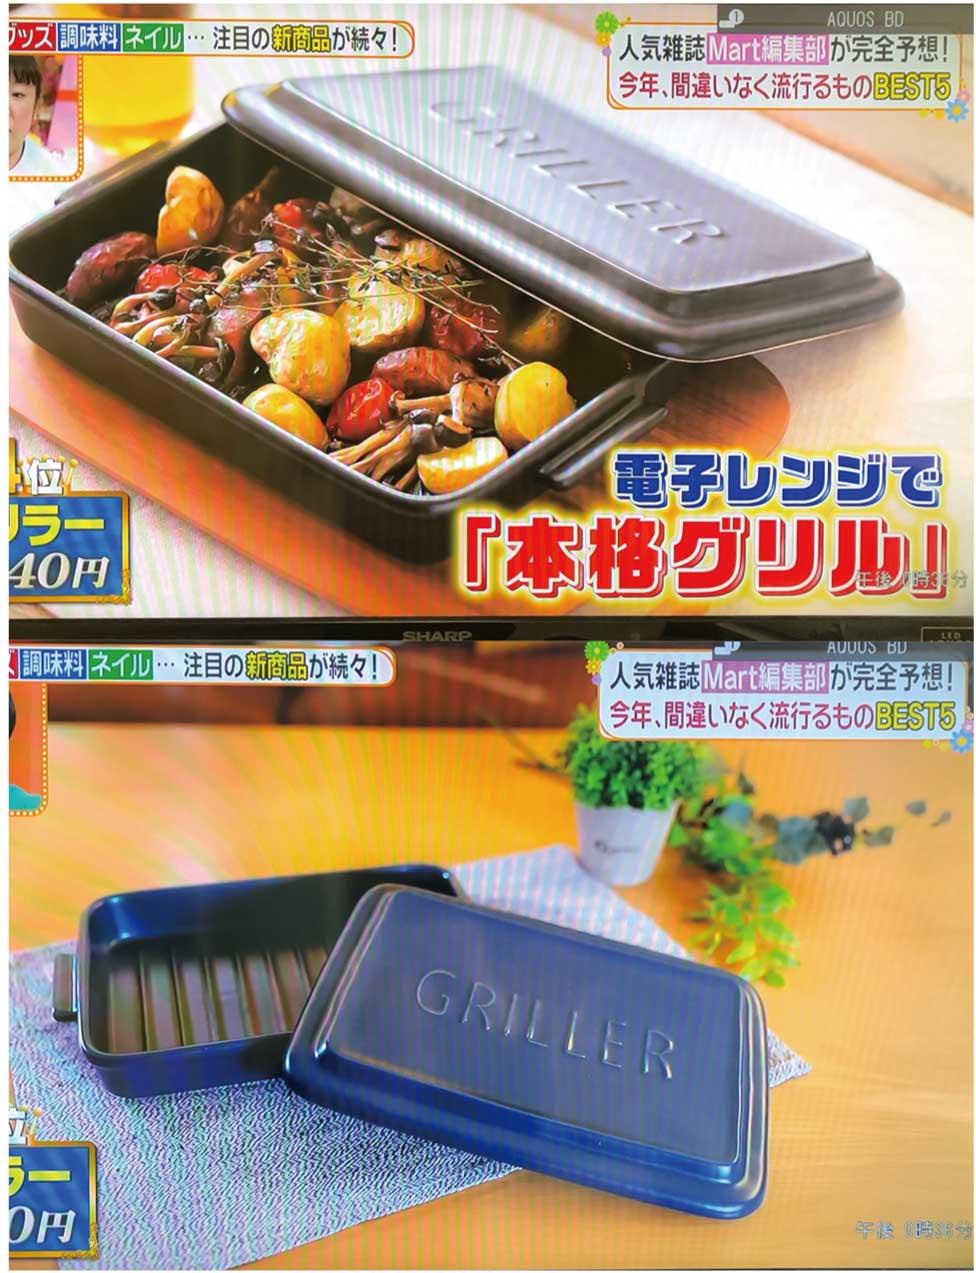 【住まい・暮らし】 レンジ・グリルなどマルチに使える 調理器具「グリラー」(2019年4月号)